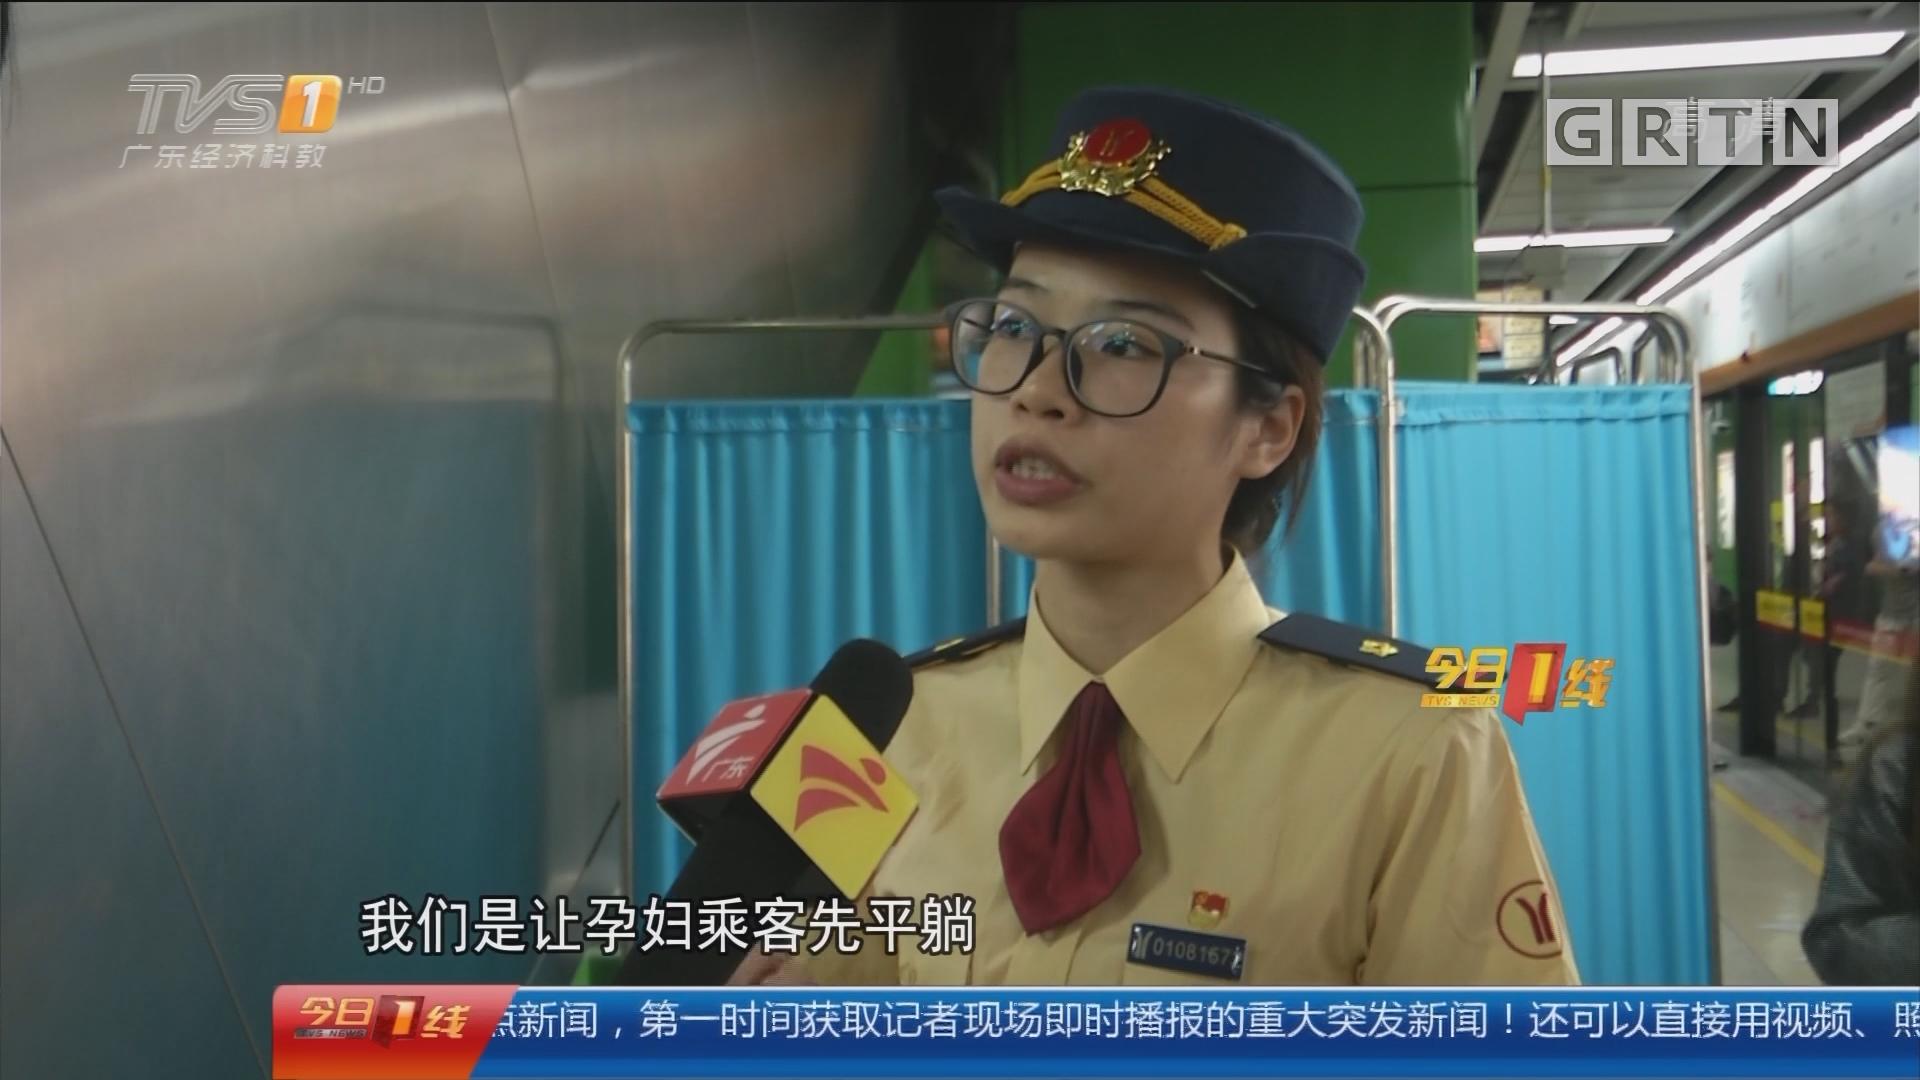 广州客村地铁站:33周准妈妈穿羊水 得众人照顾